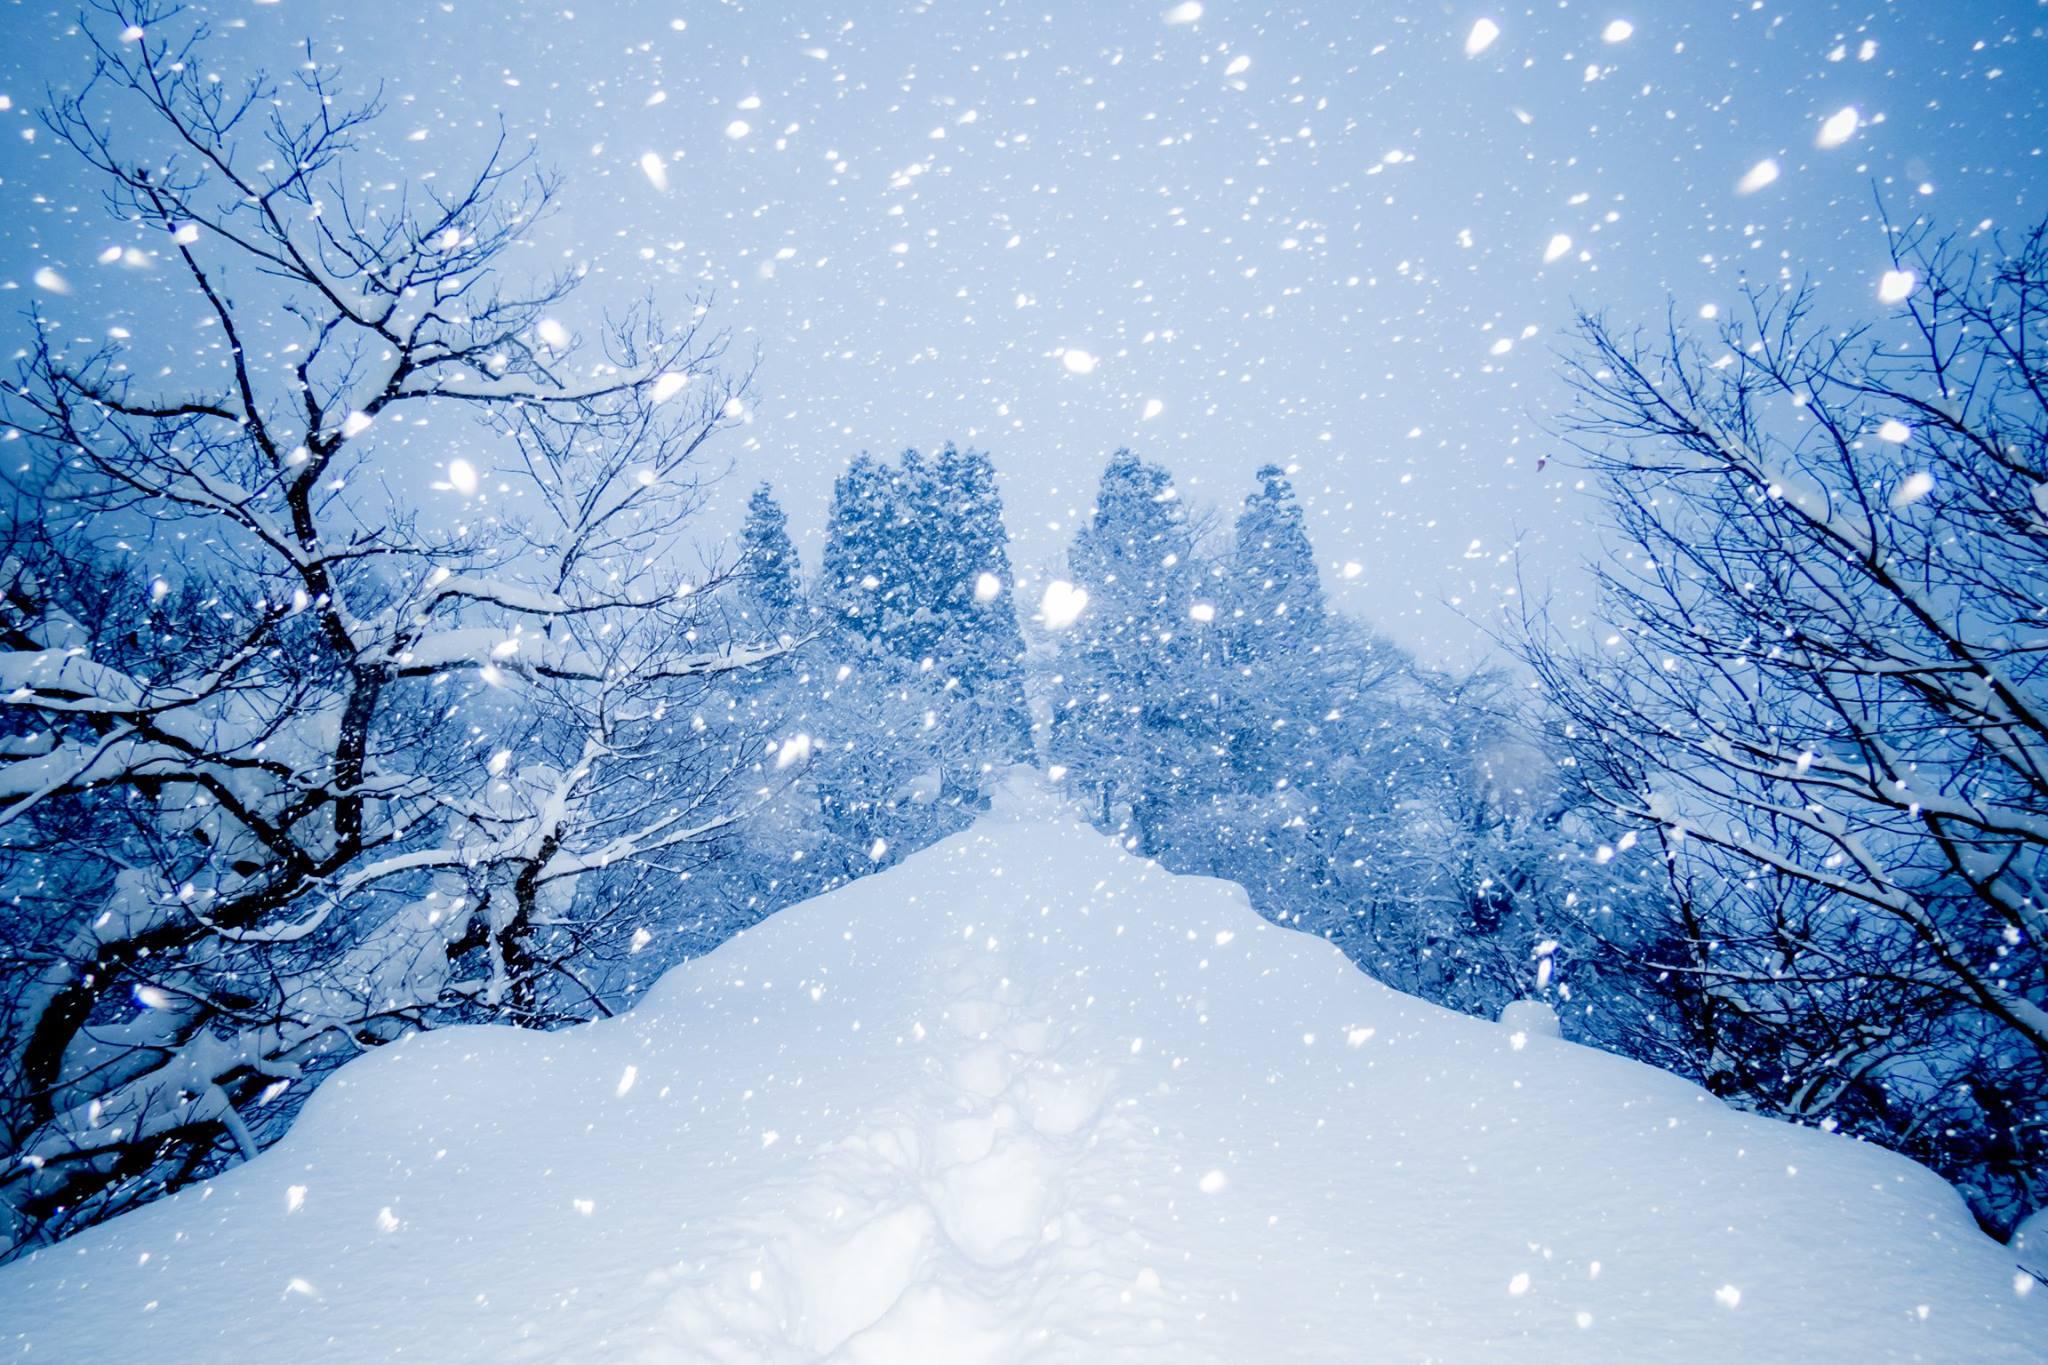 川尻地区の雪景色